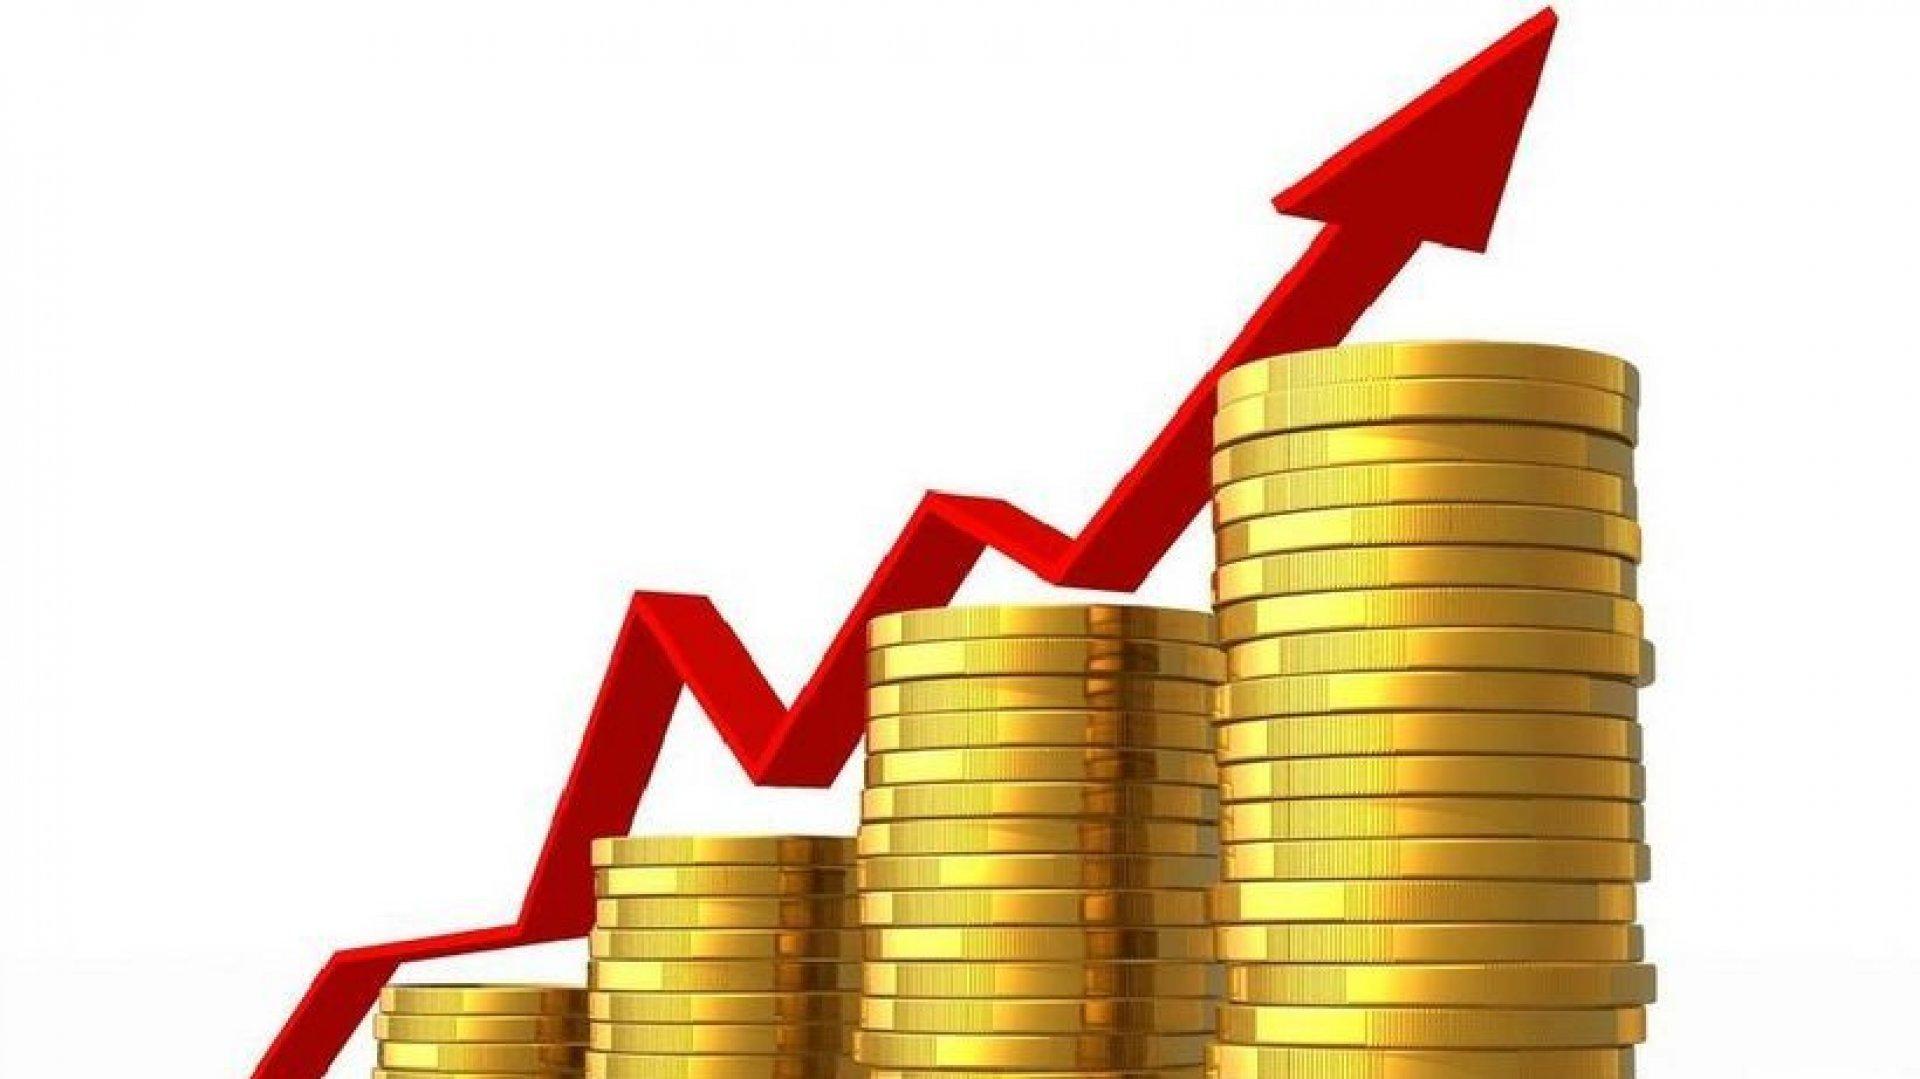 Il PIL potrebbe raggiungere i 200 miliardi di euro nel 2018